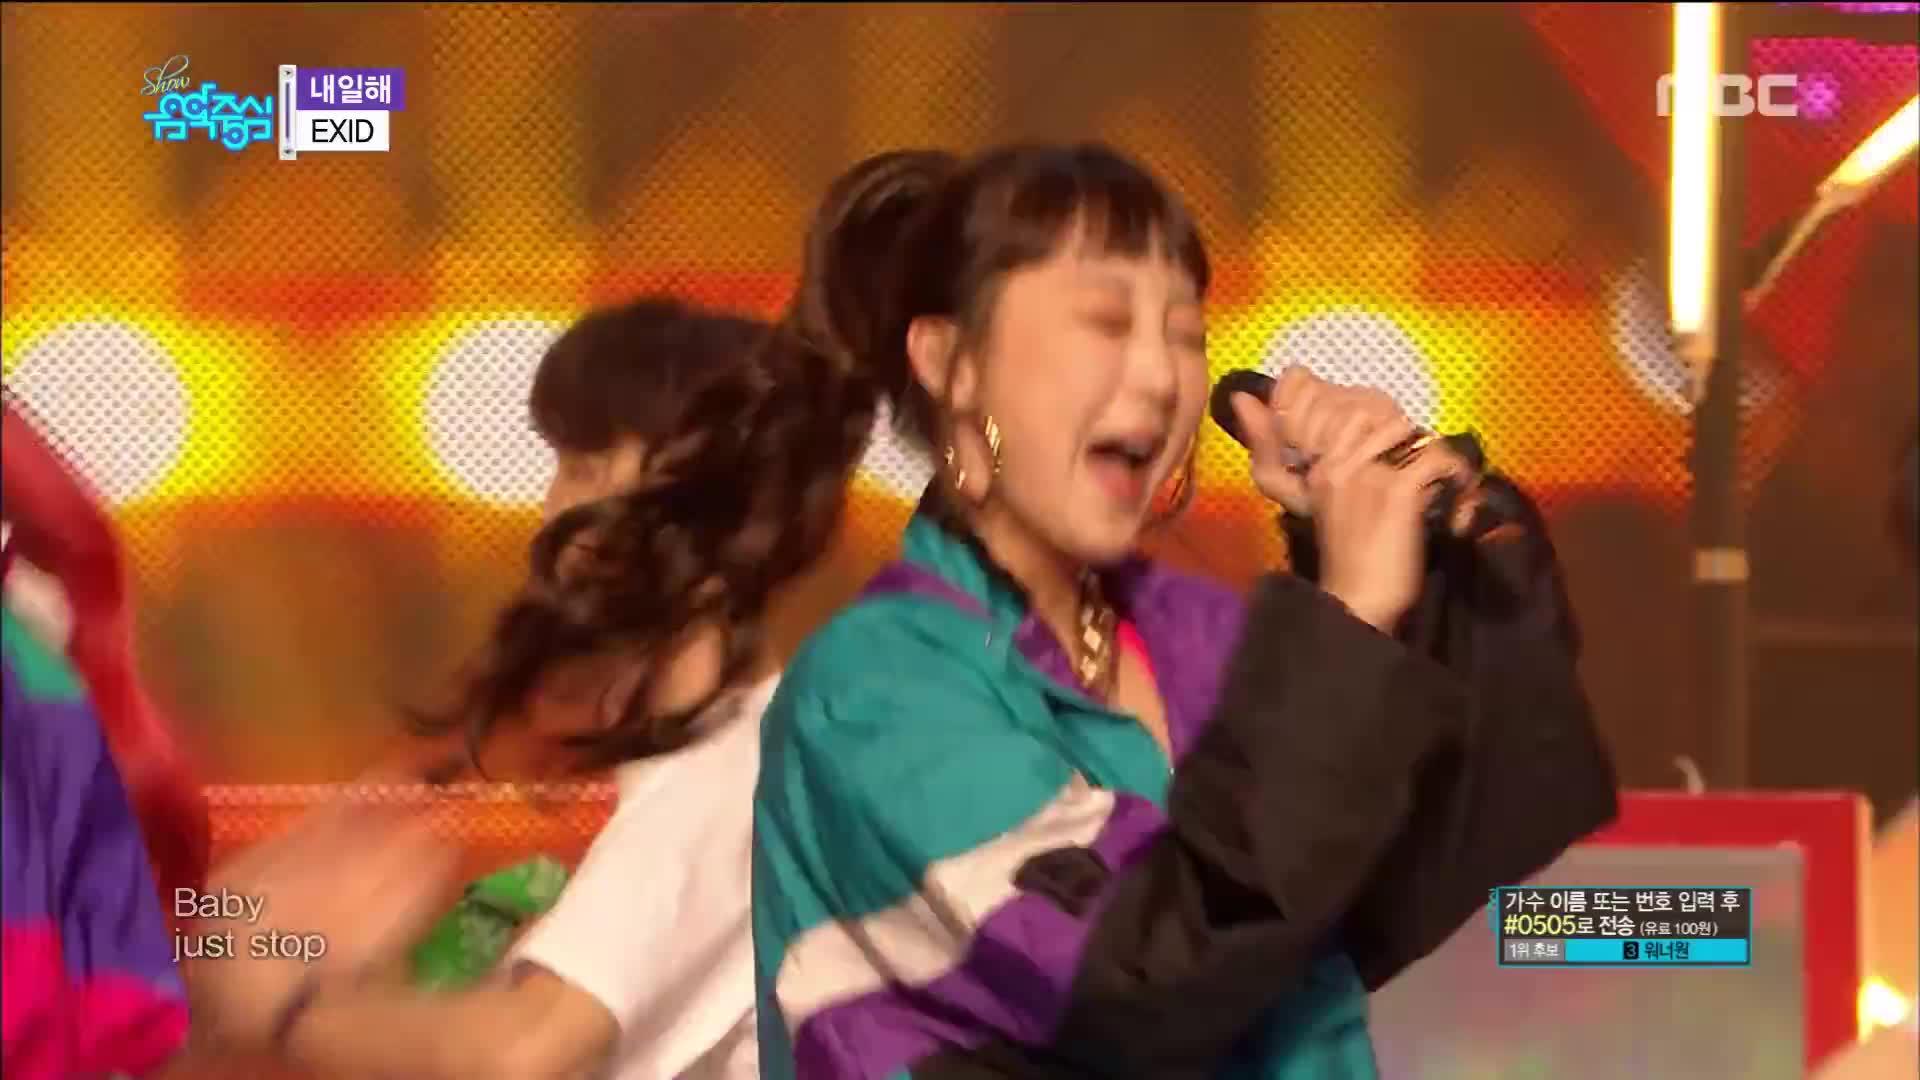 Nếu chưa biết đến giọng óc ở Kpop, hãy để Hyelin (EXID) chỉ cho bạn